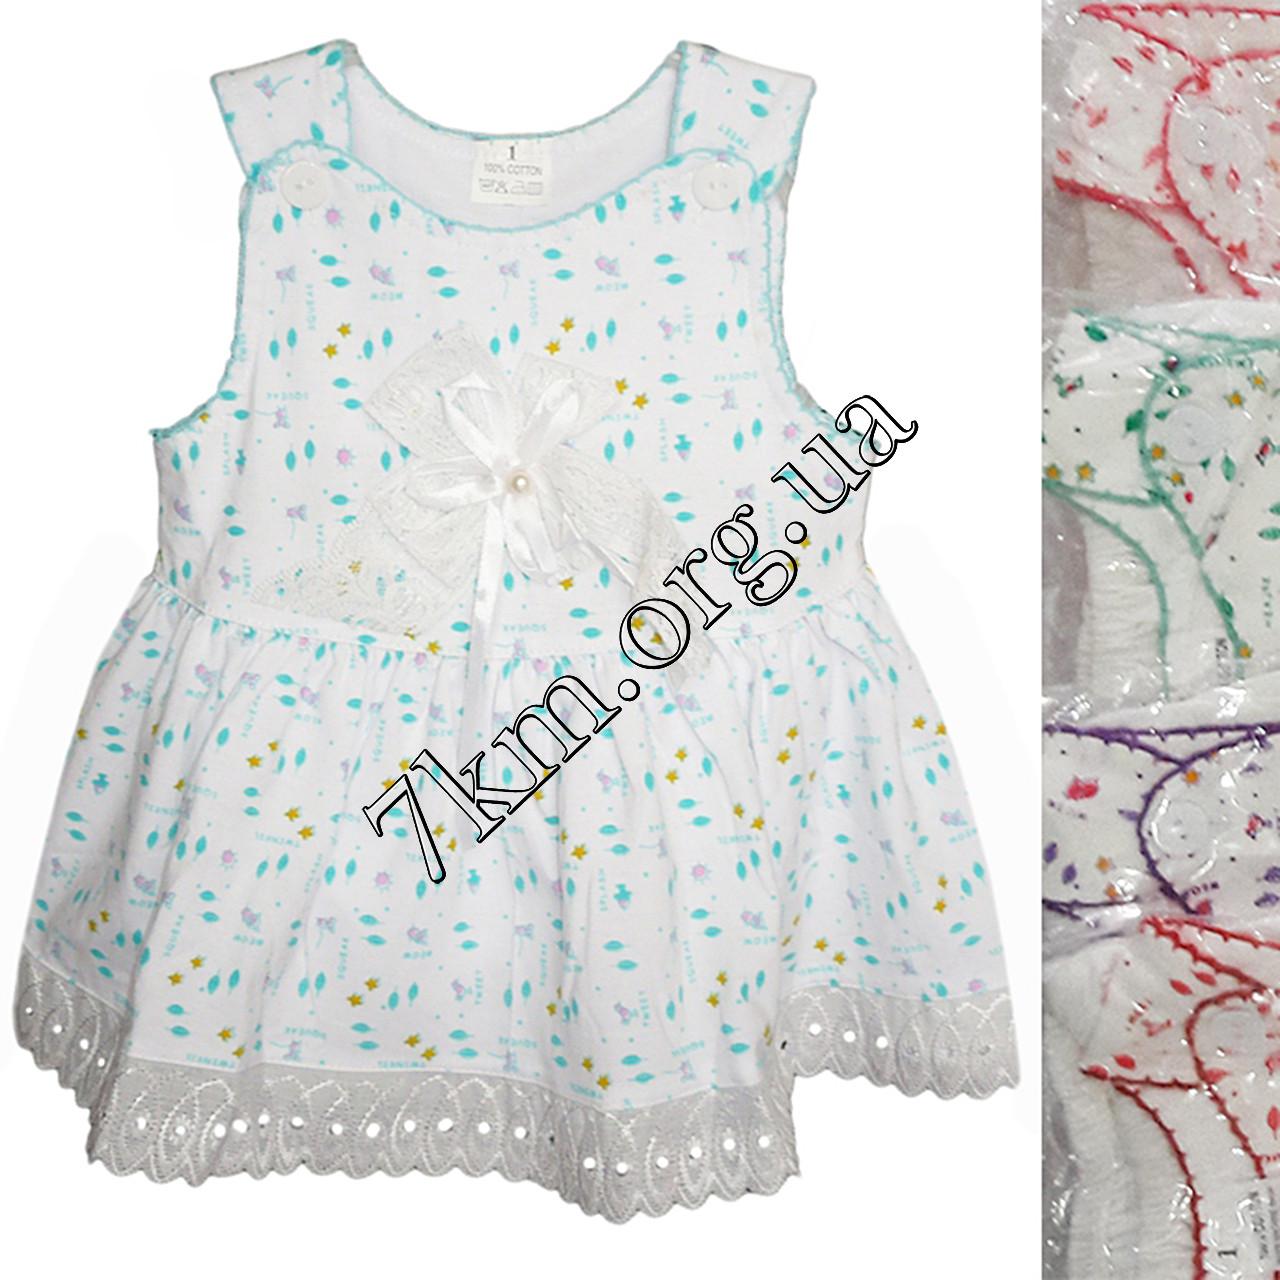 Платье с трусиками трикотаж 6-24 месяца Оптом 020520